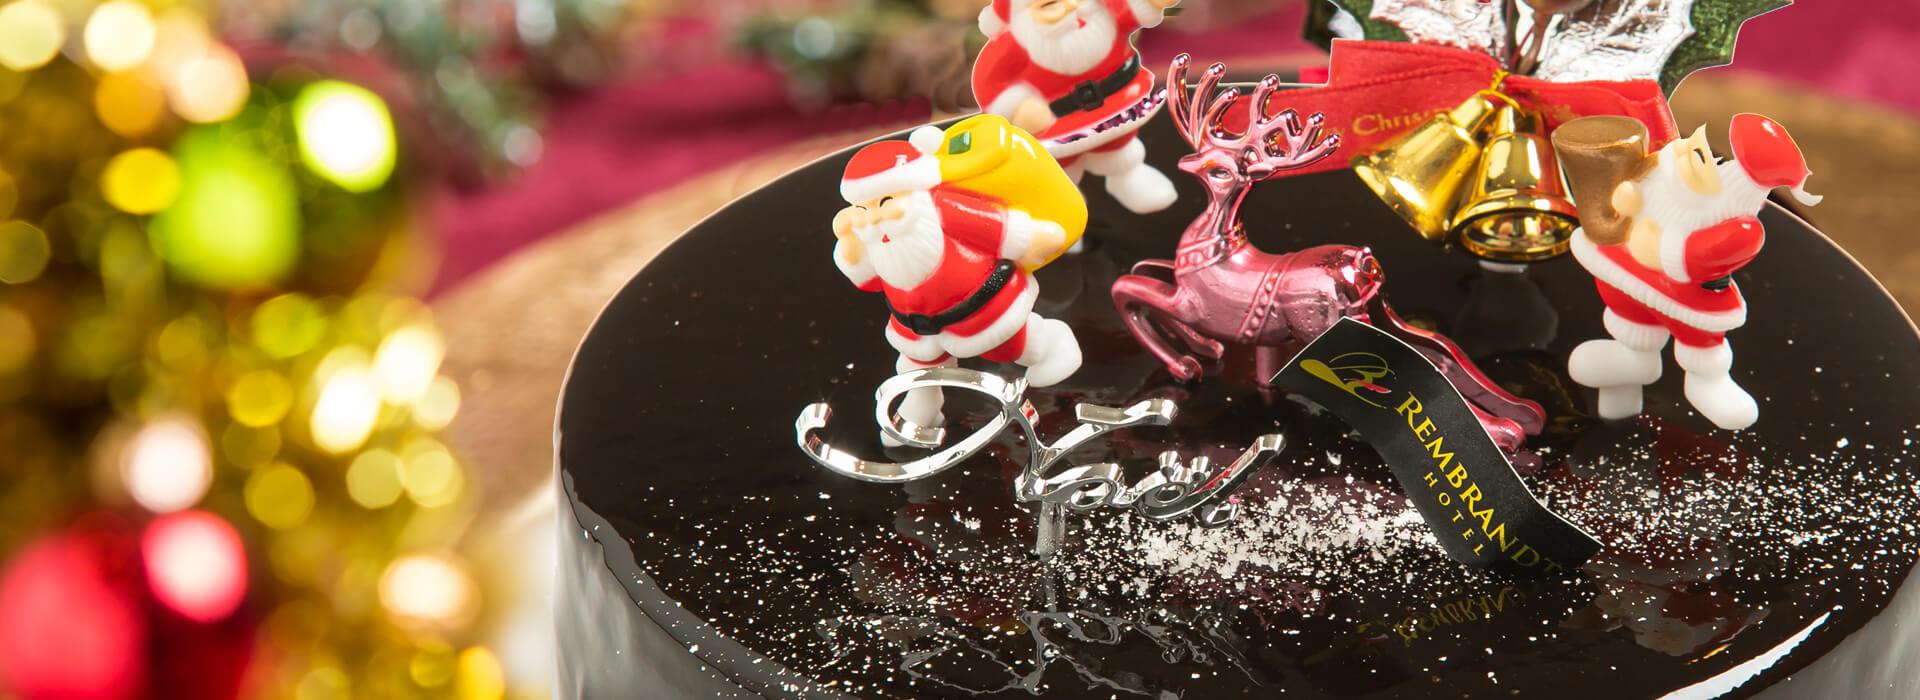 クリスマス商品|レンブラントホテル大分【公式】レンブラントグループホテル